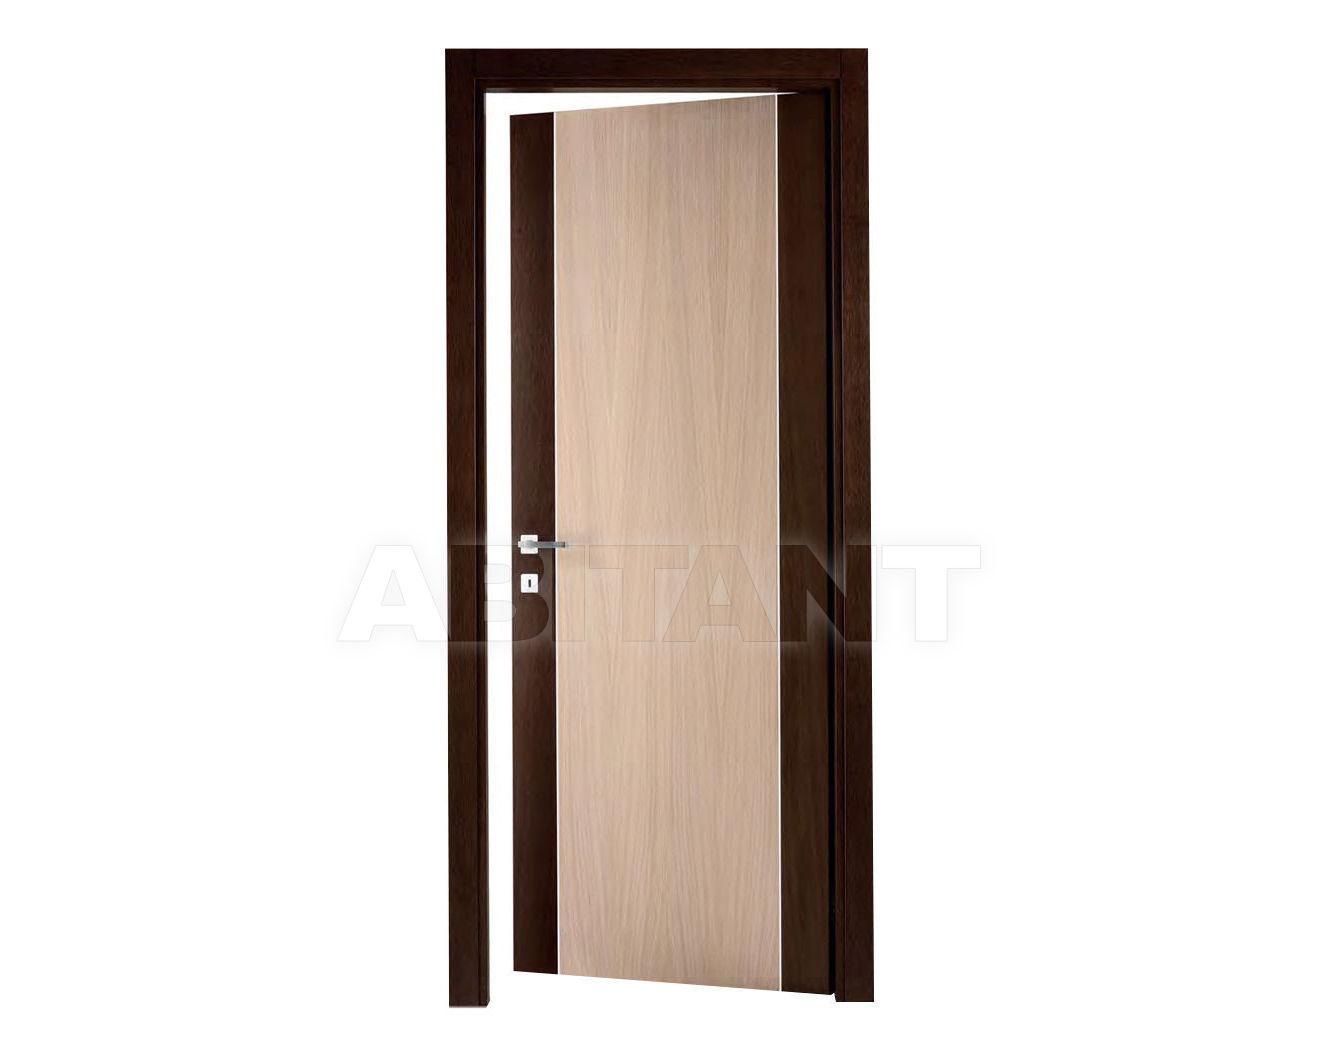 Купить Дверь деревянная Fioravazzi Lisce TWIN